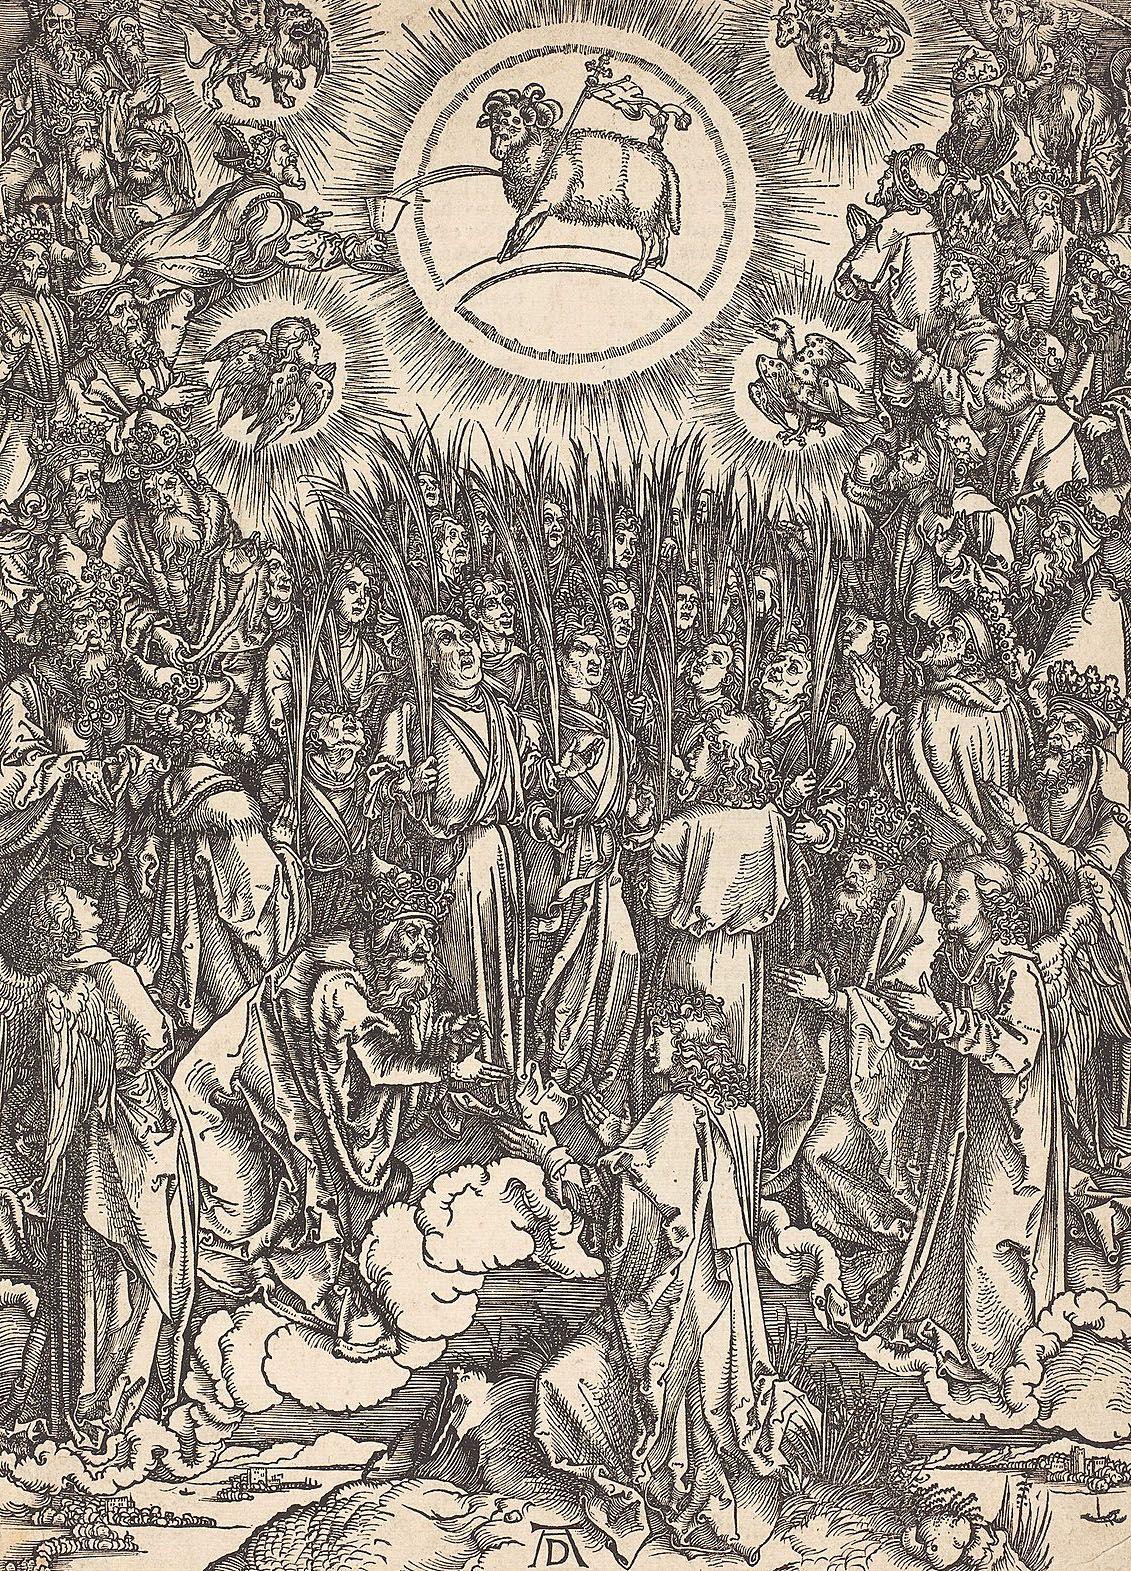 Альбрехт Дюрер. Поклонение богу и агнцу. 1498